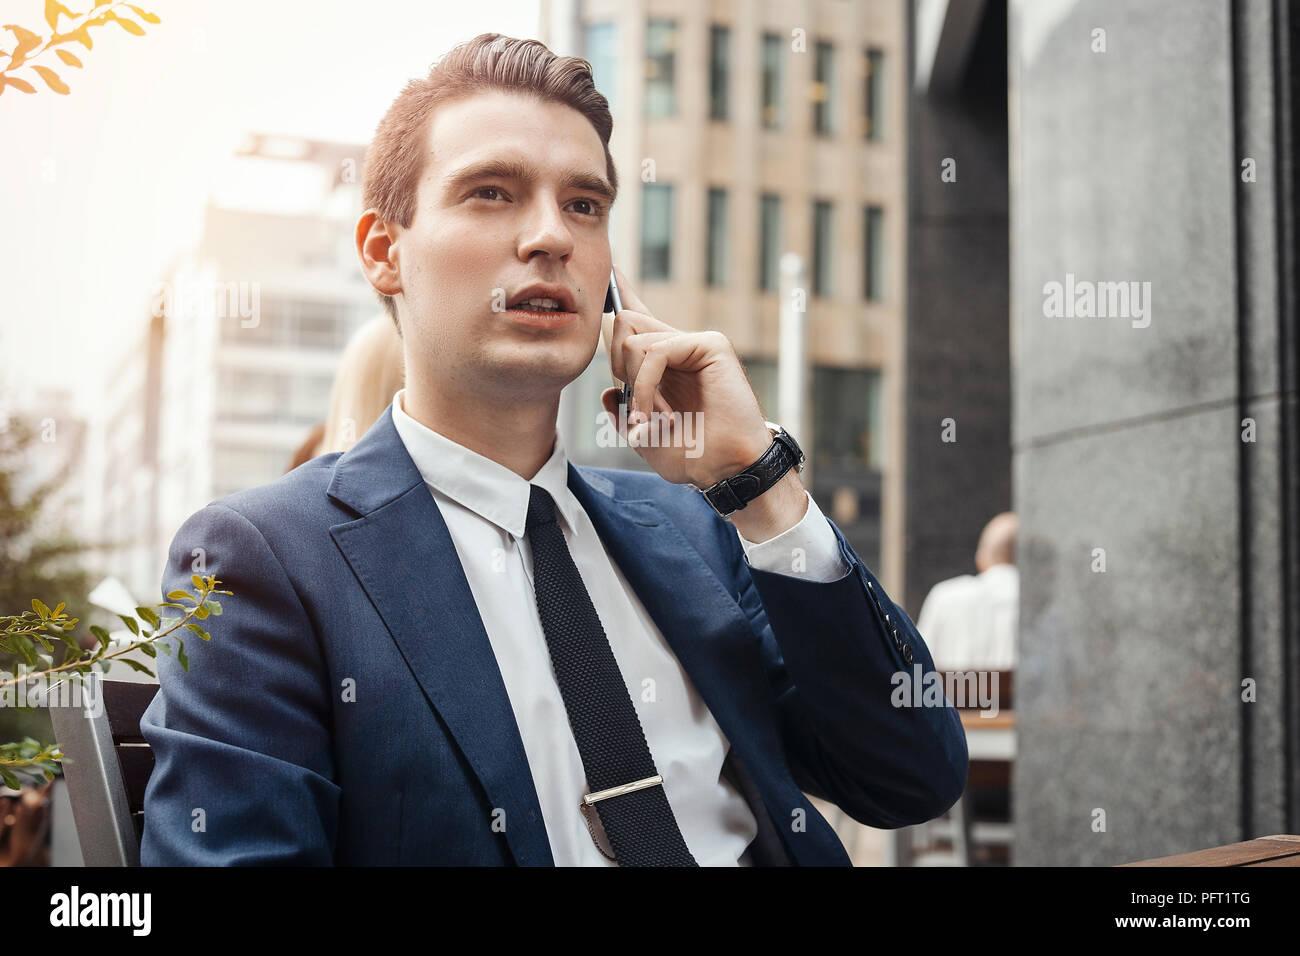 Junge brunette Geschäftsmann Gespräch per Handy und gerade auf der Suche. Stockbild